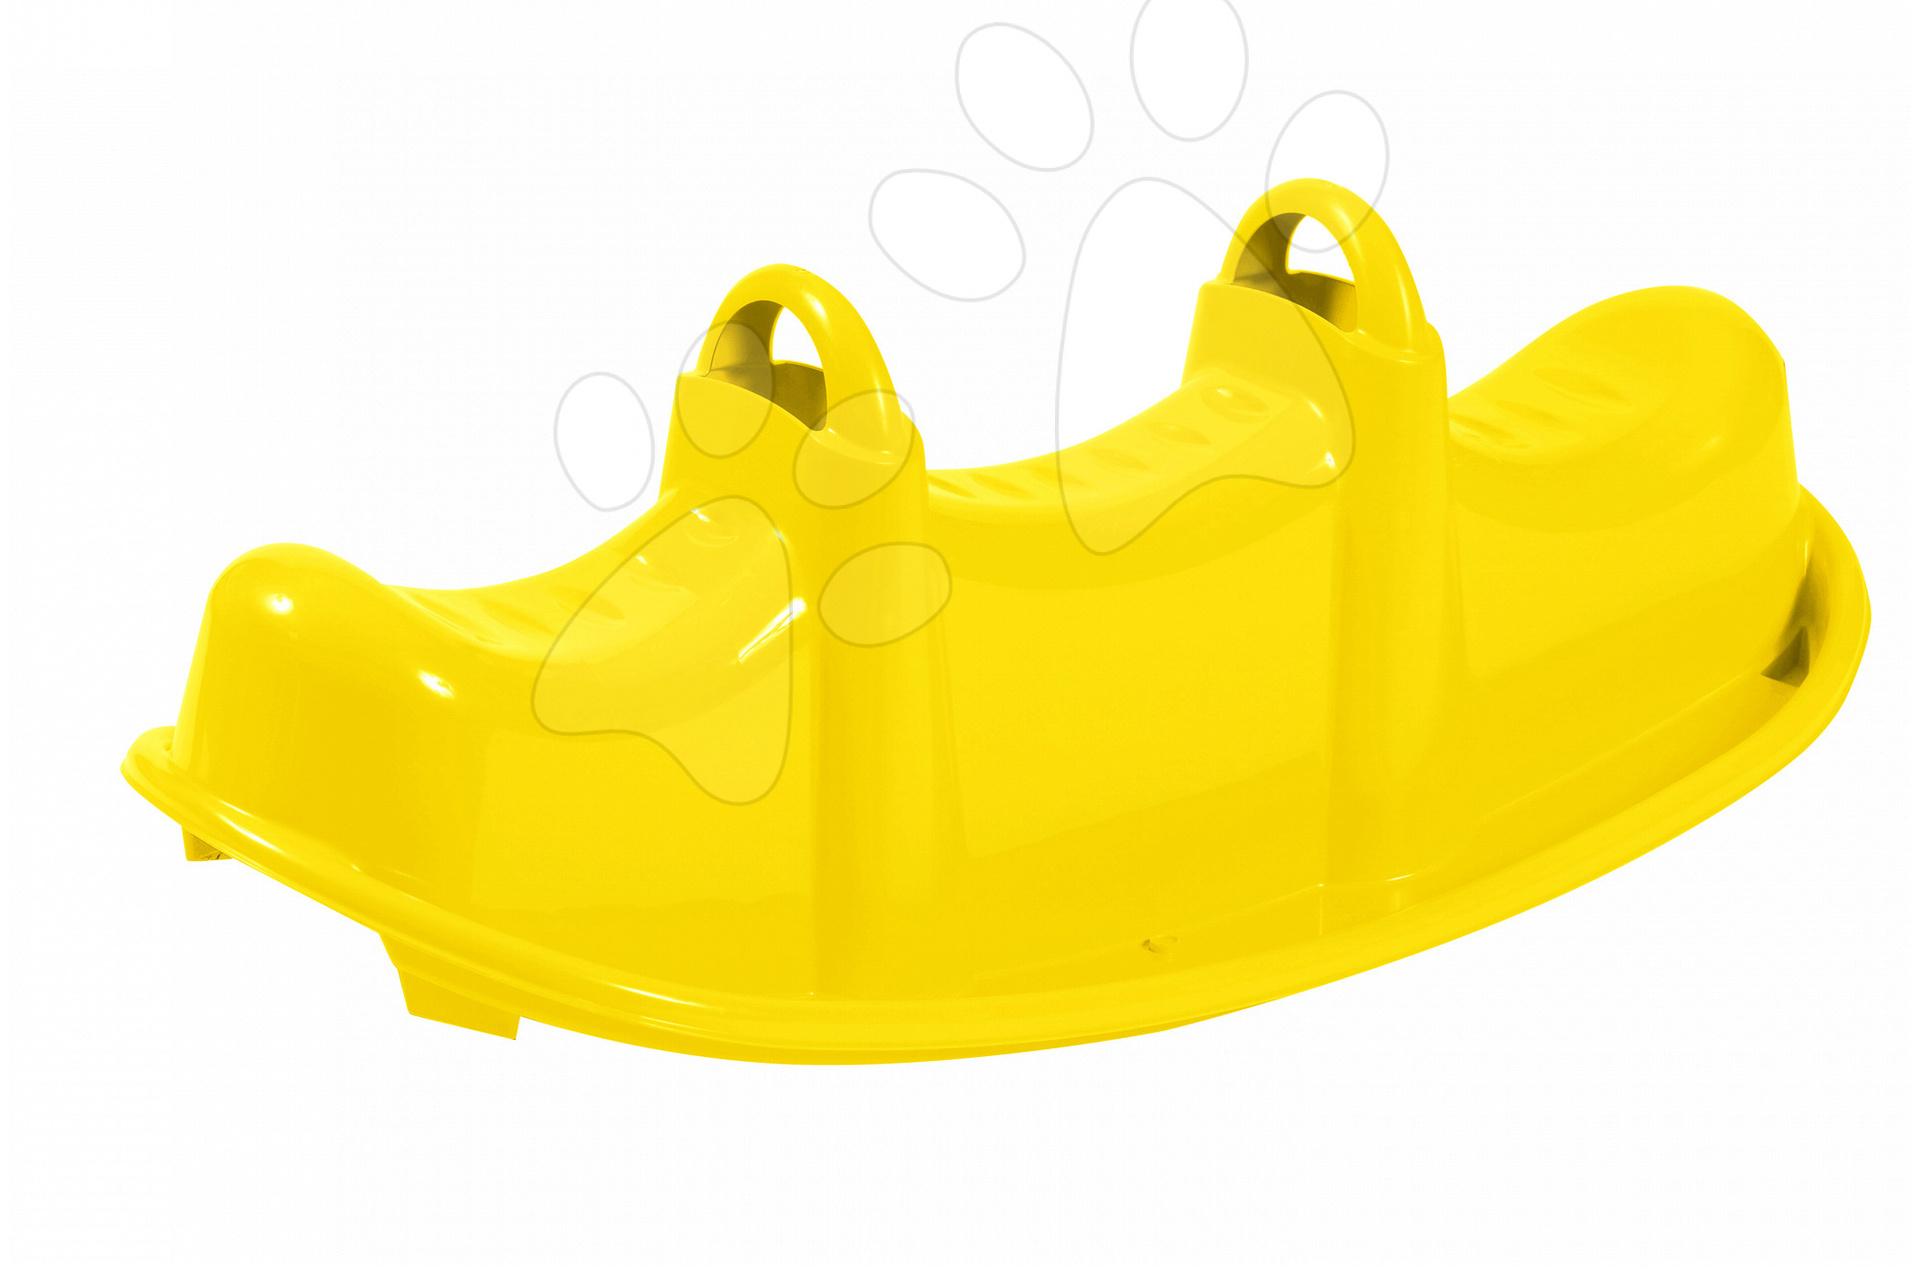 Houpačka krokodýl Starplast oboustranná žlutá